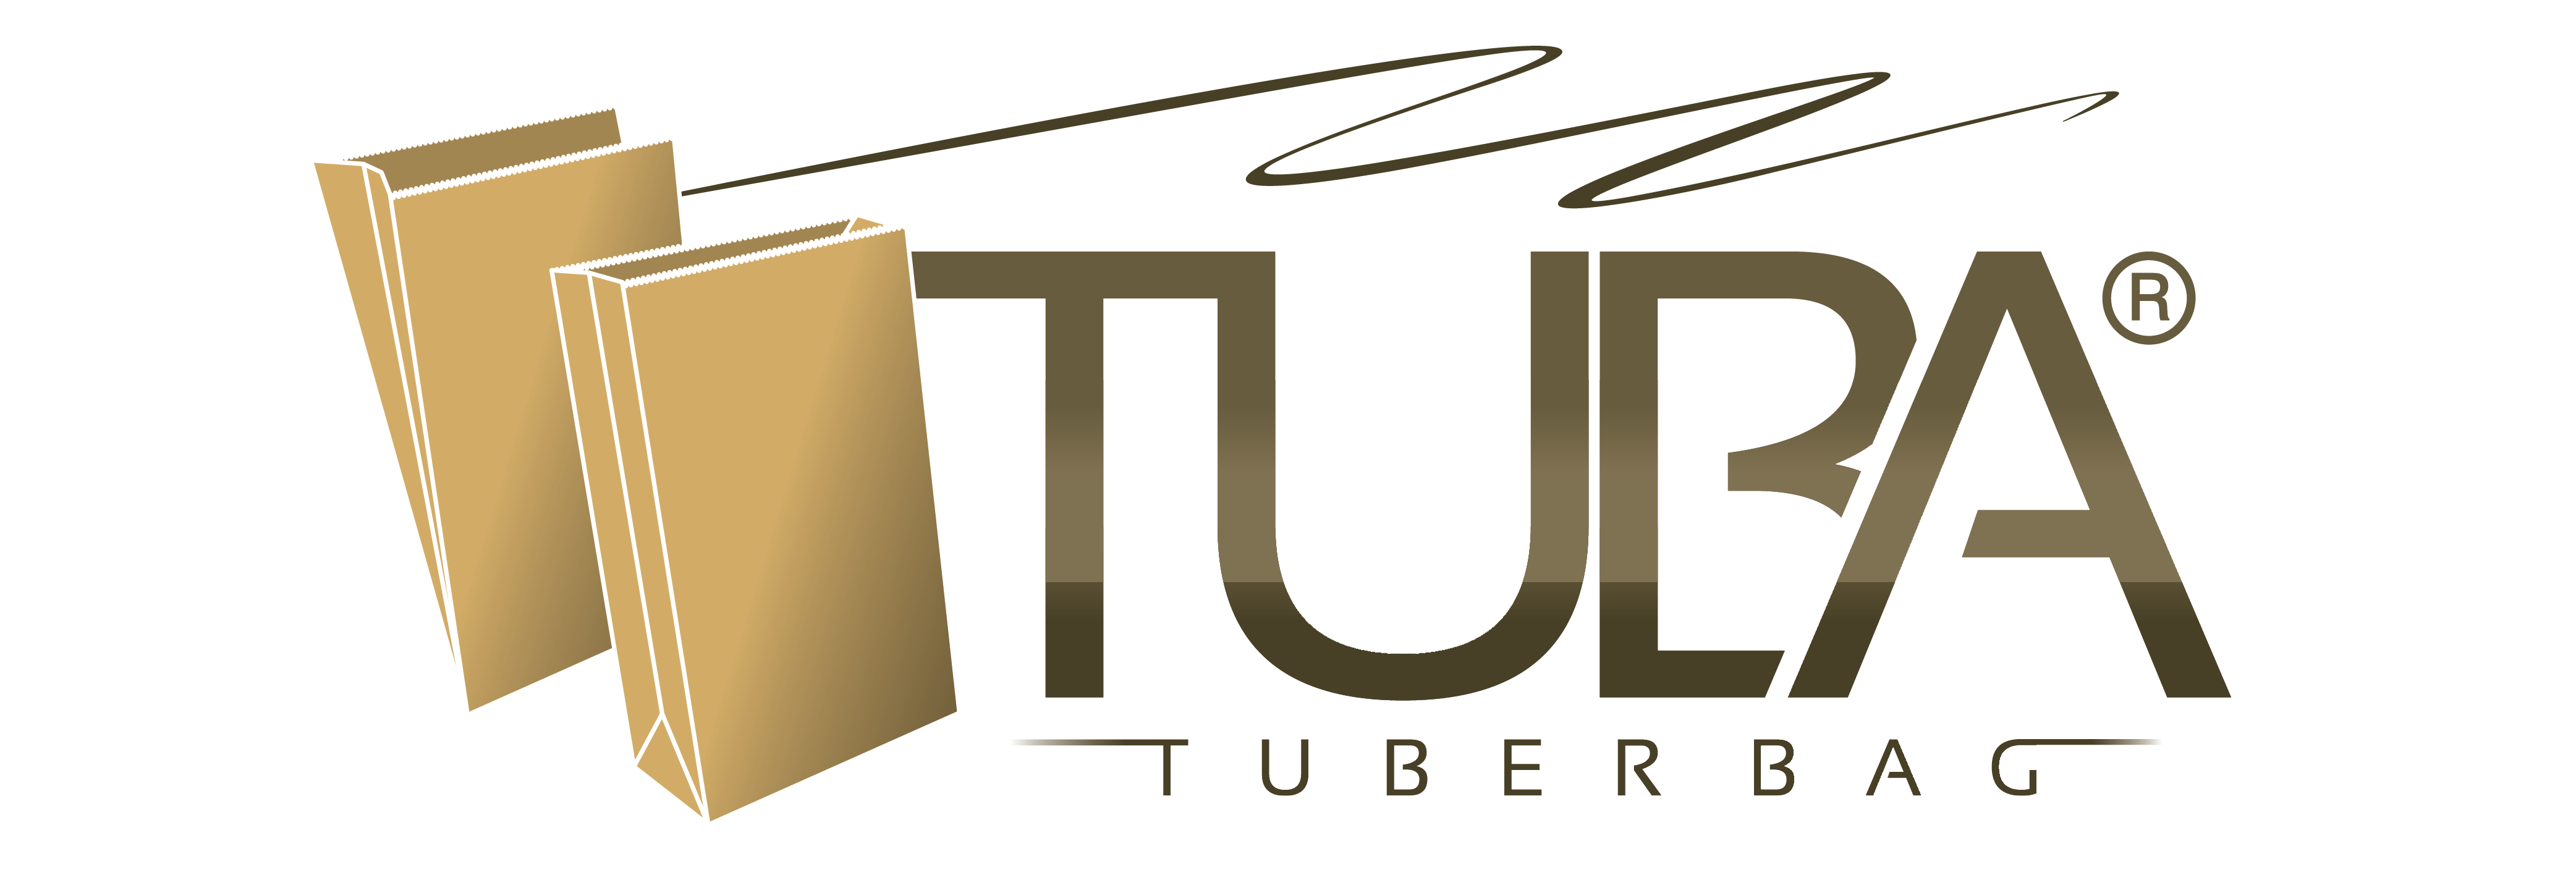 tuba logo-01